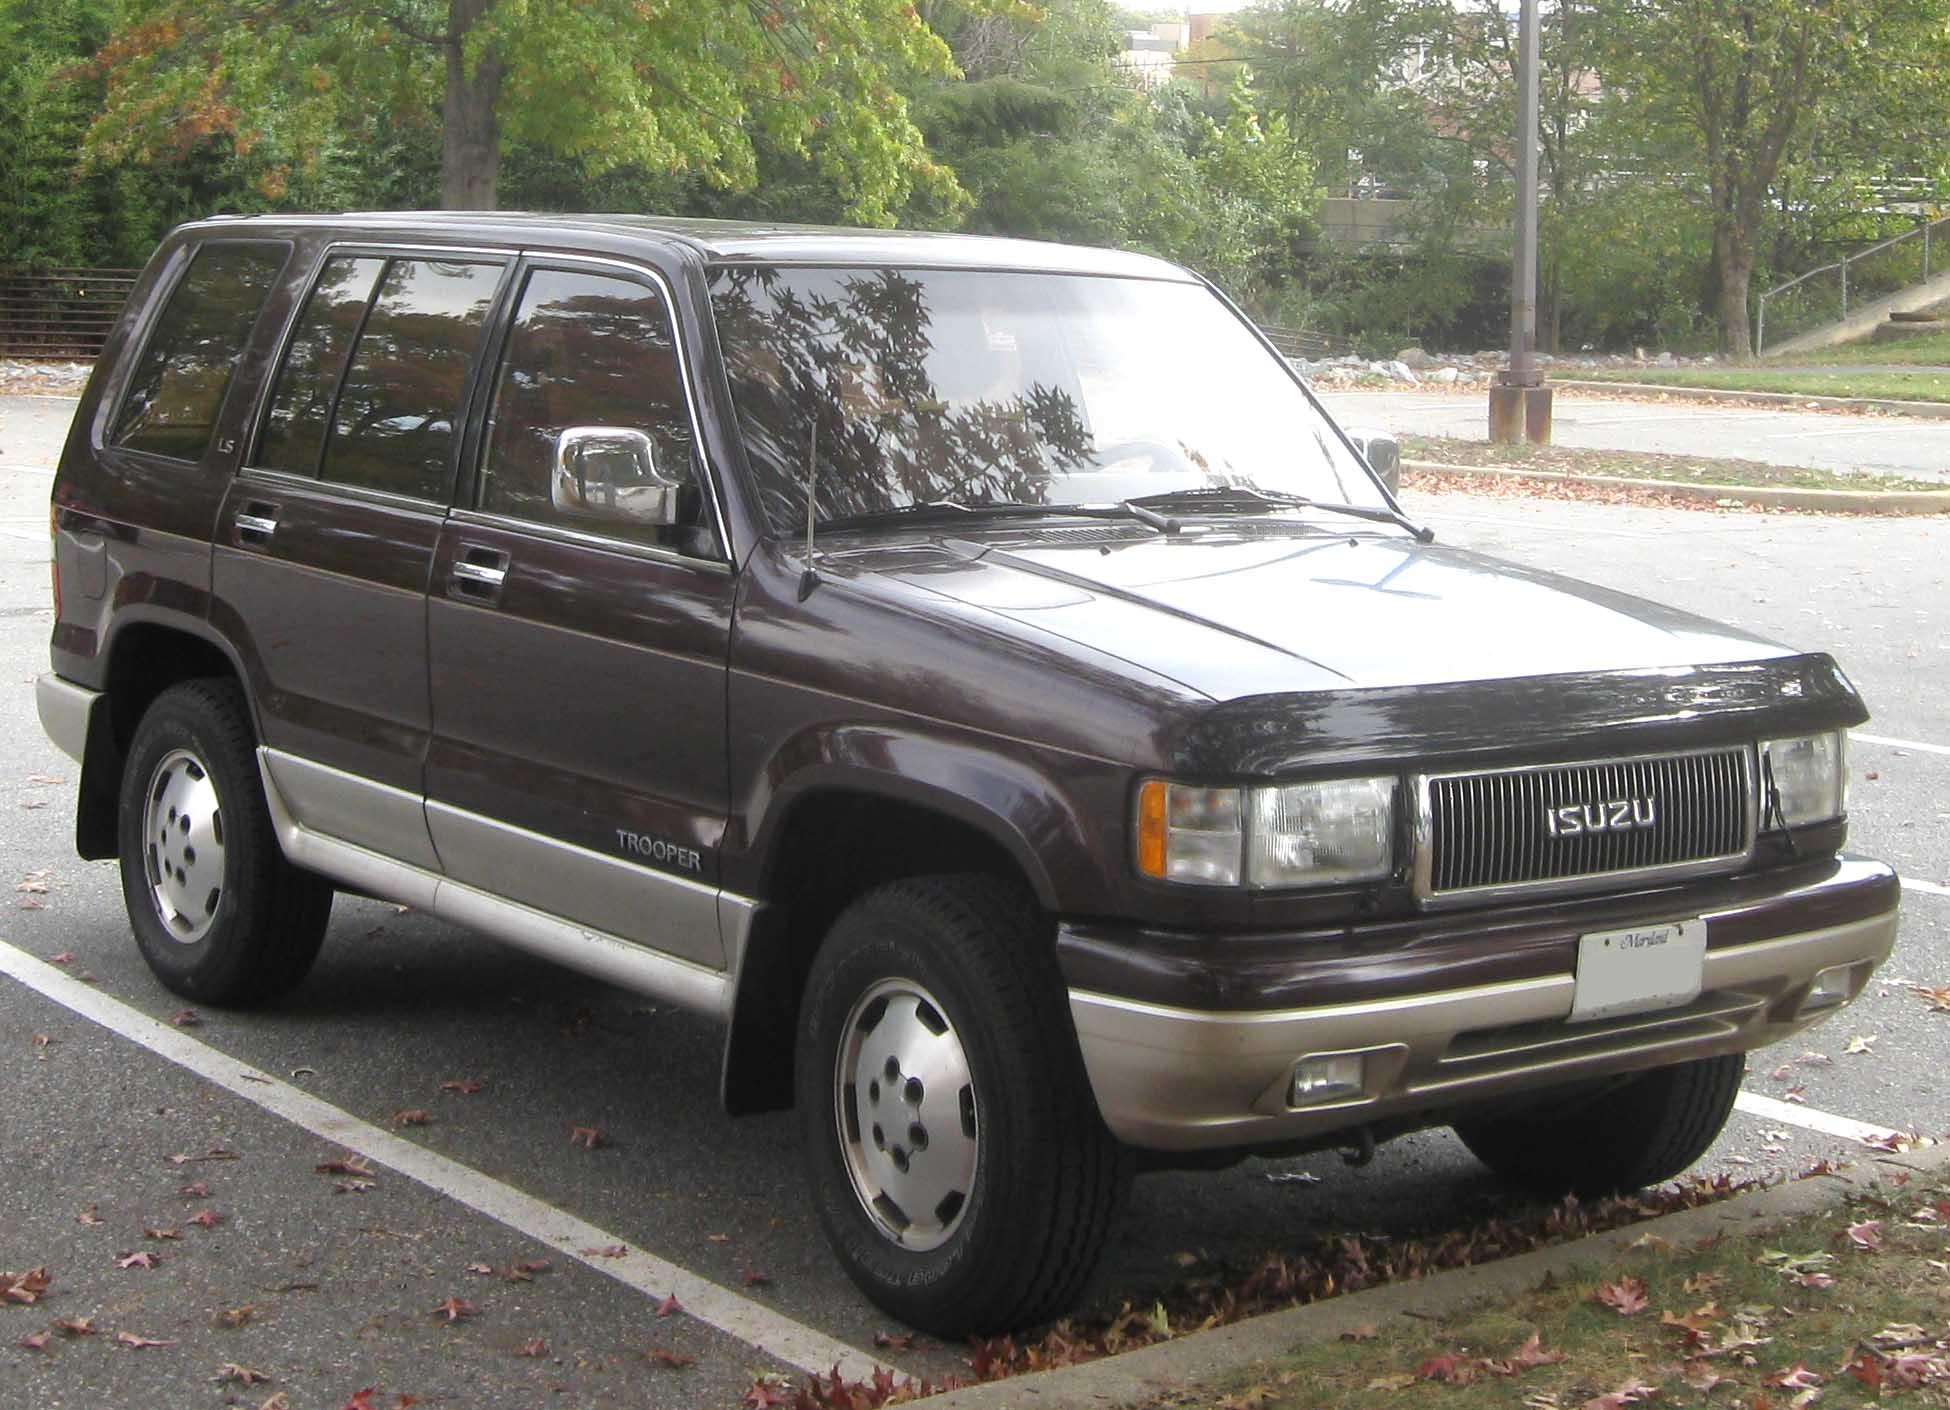 Subaru Bighorn II 1991 - 1992 SUV 5 door #3